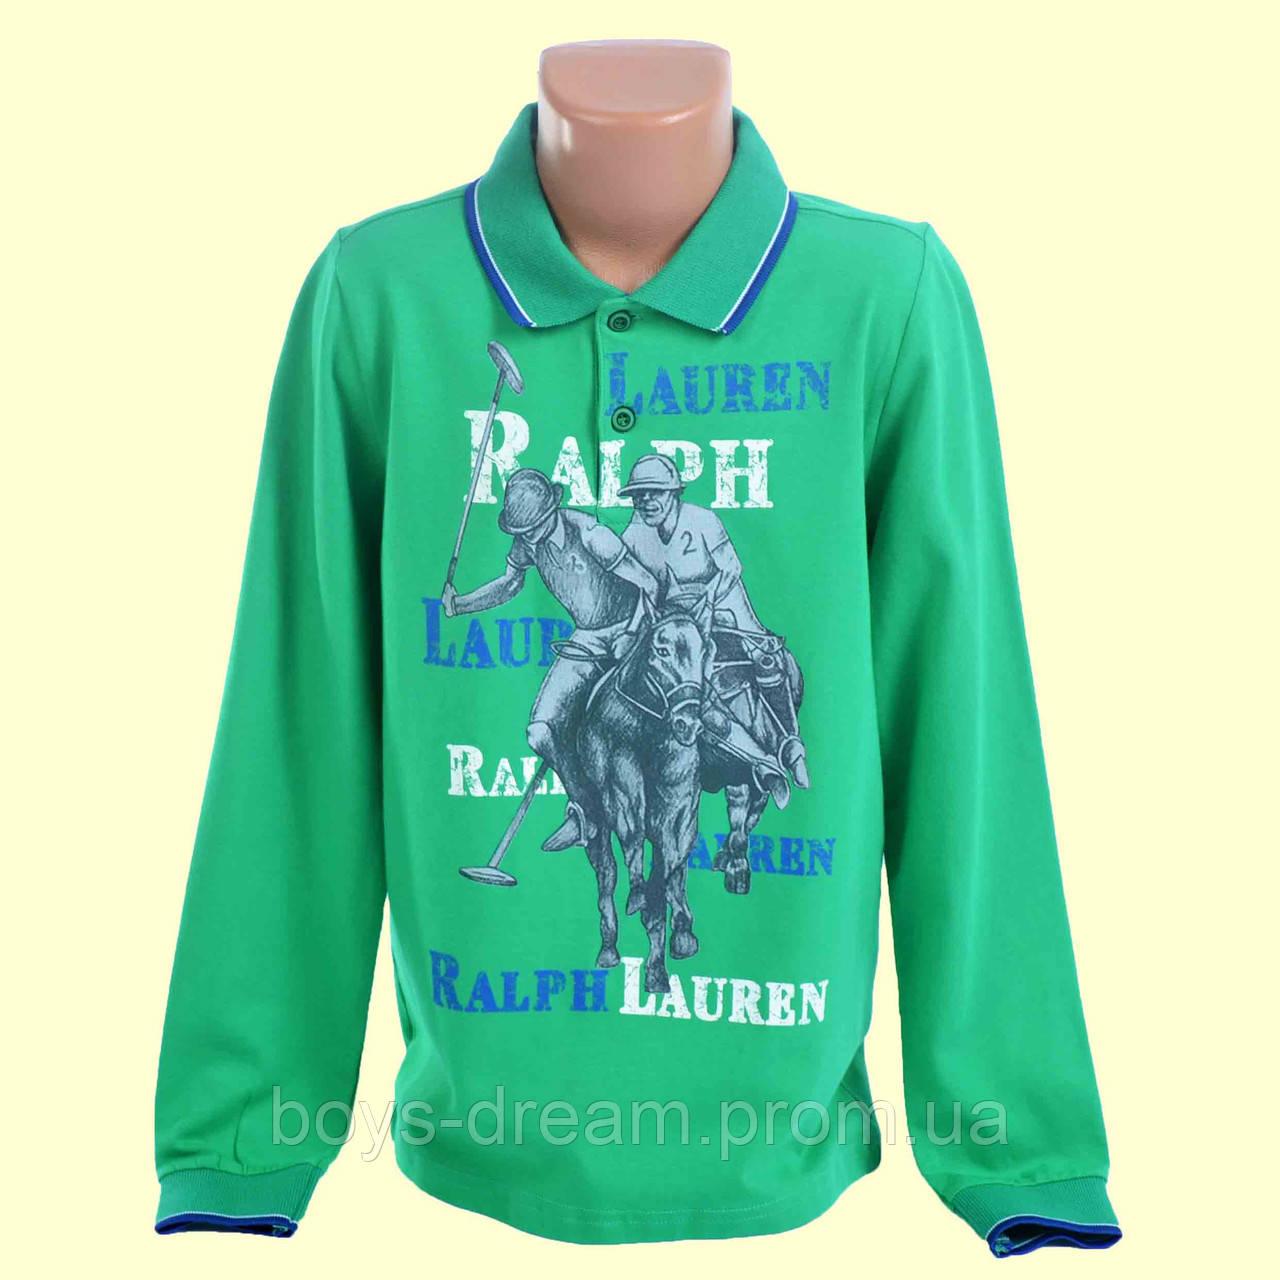 Батник для мальчика Ralph Lauren (Турция) (128-158).